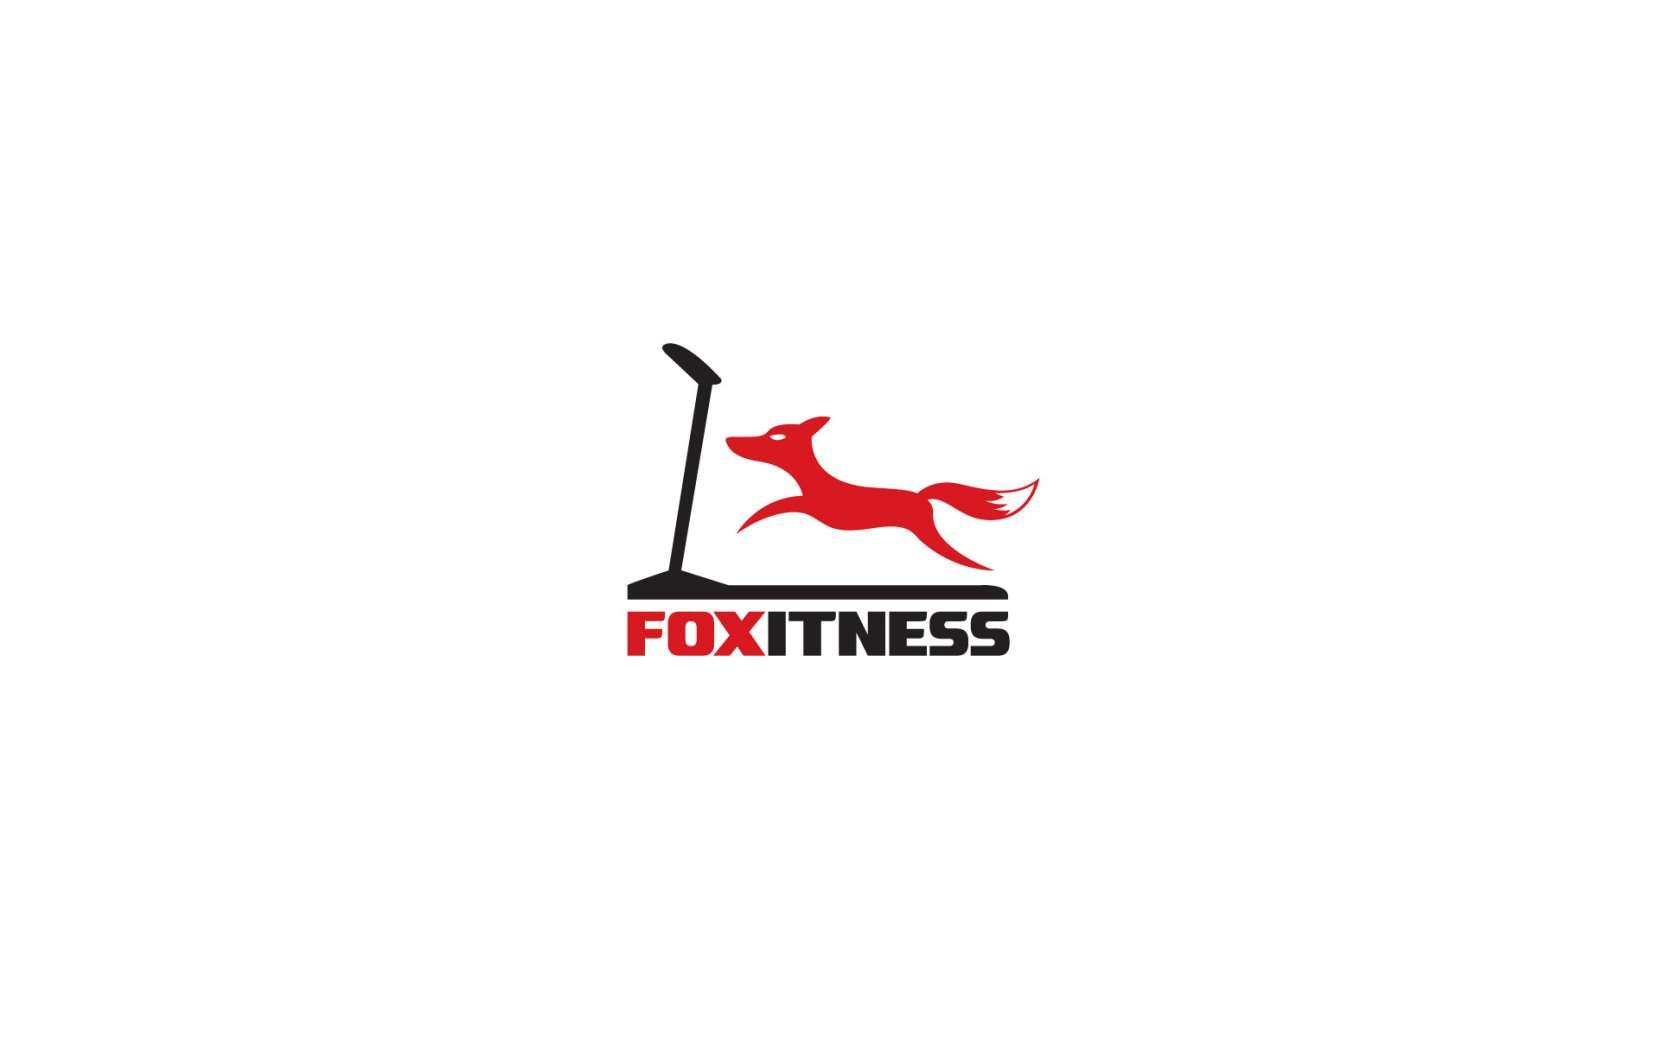 Foxitness2.jpg